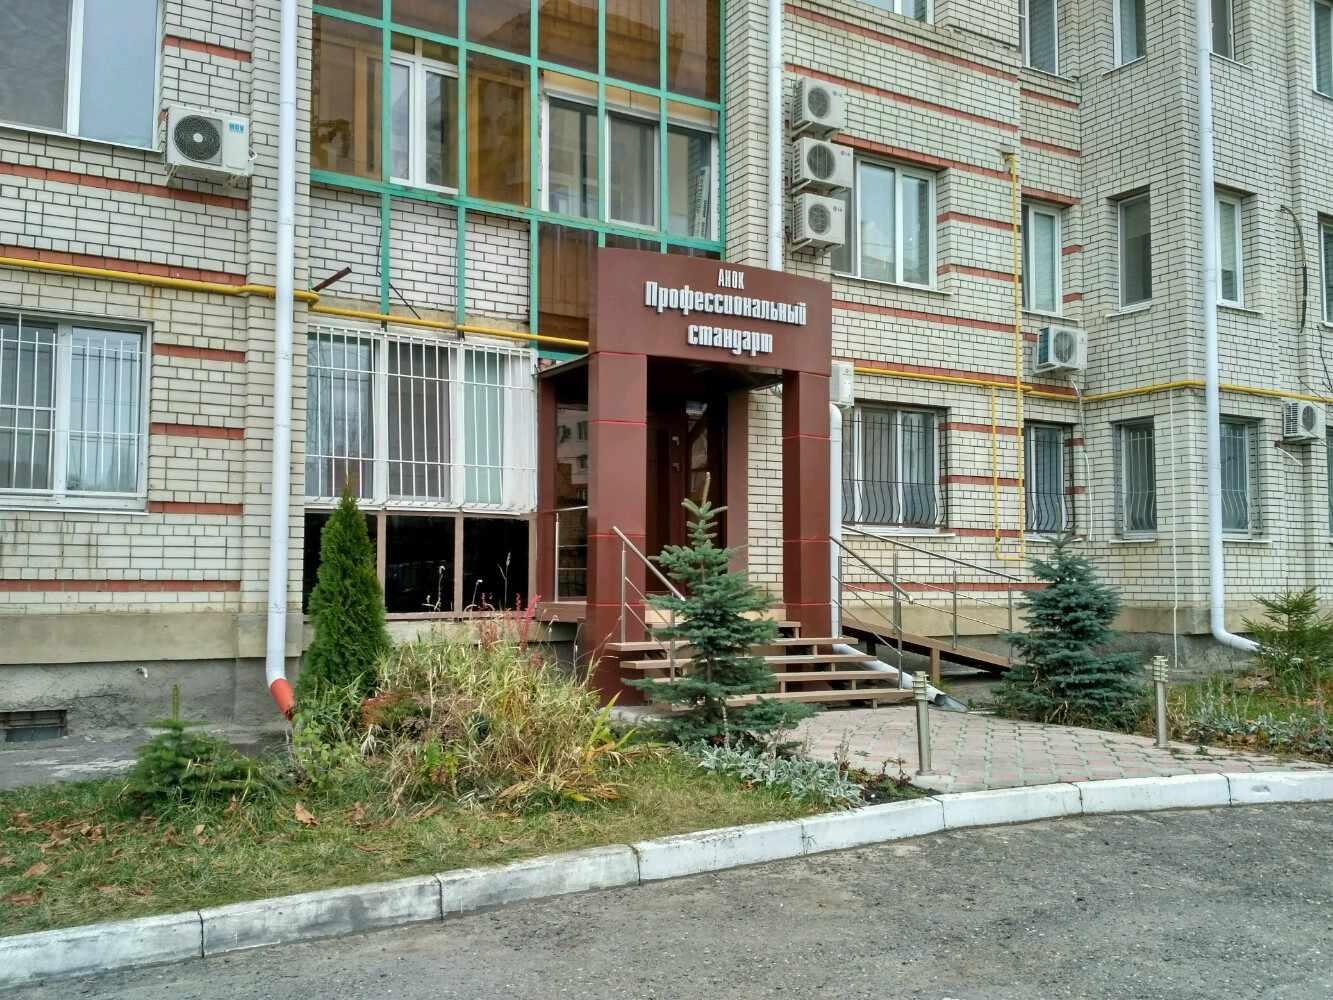 Международная Академия Экспертизы и Оценки проводит более 350 курсов переподготовки и повышения квалификации в дистанционном формате по всей России